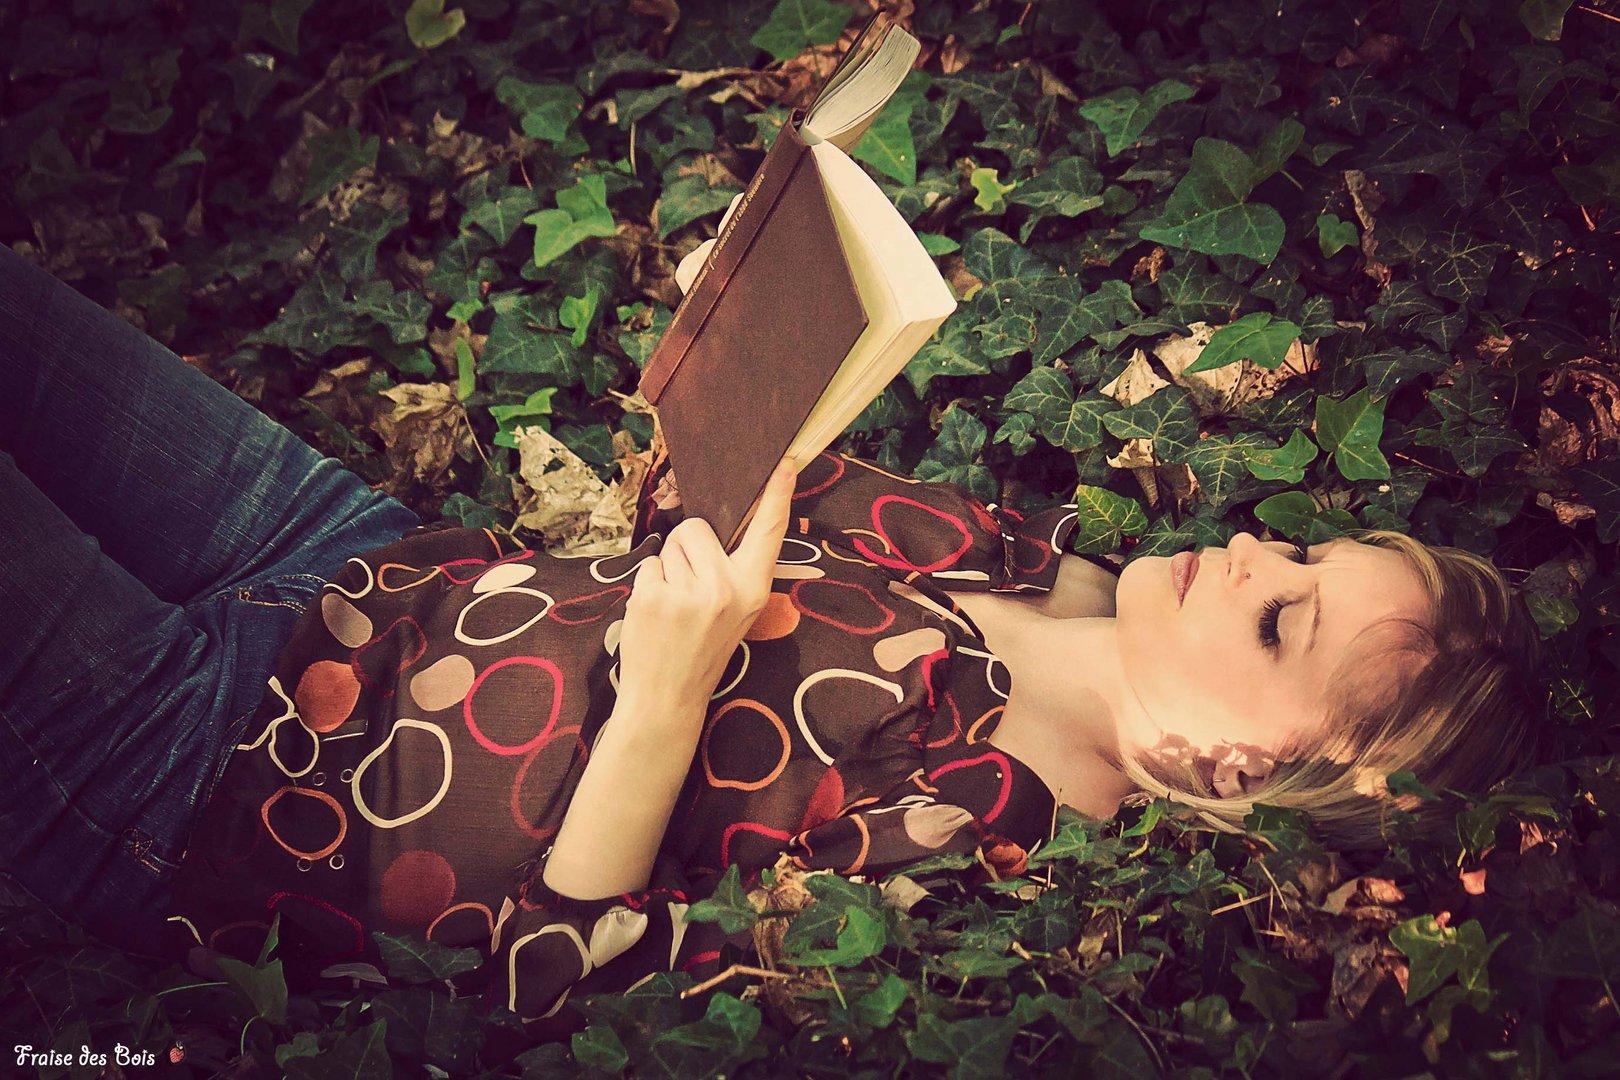 Lectrice des bois